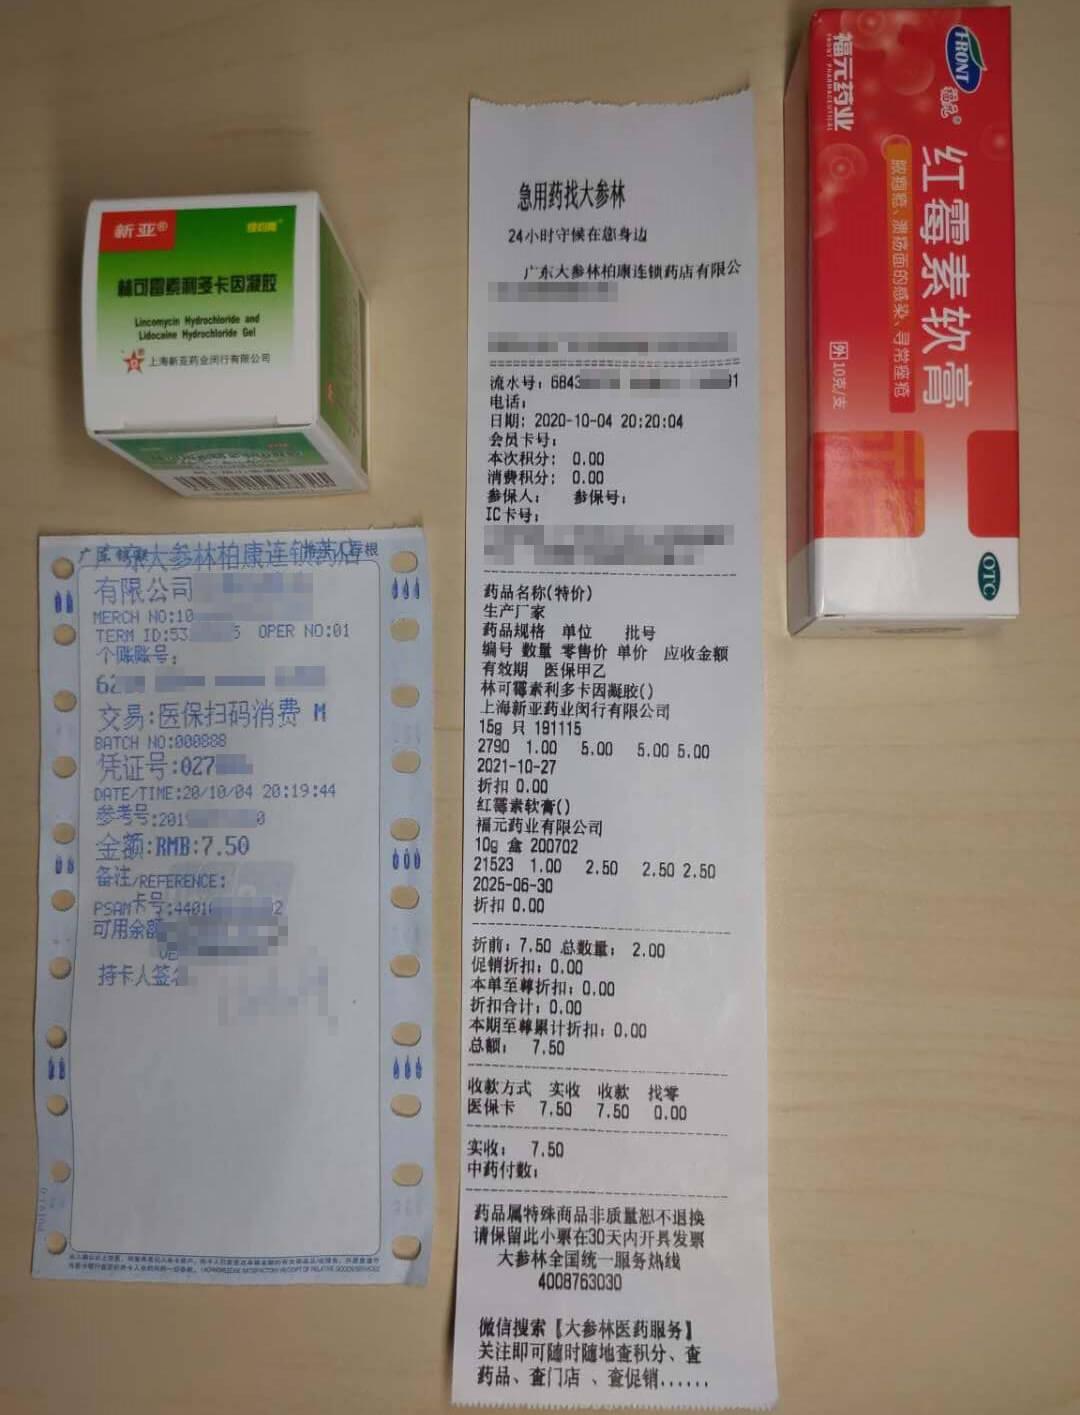 第一次使用医保卡买药小票